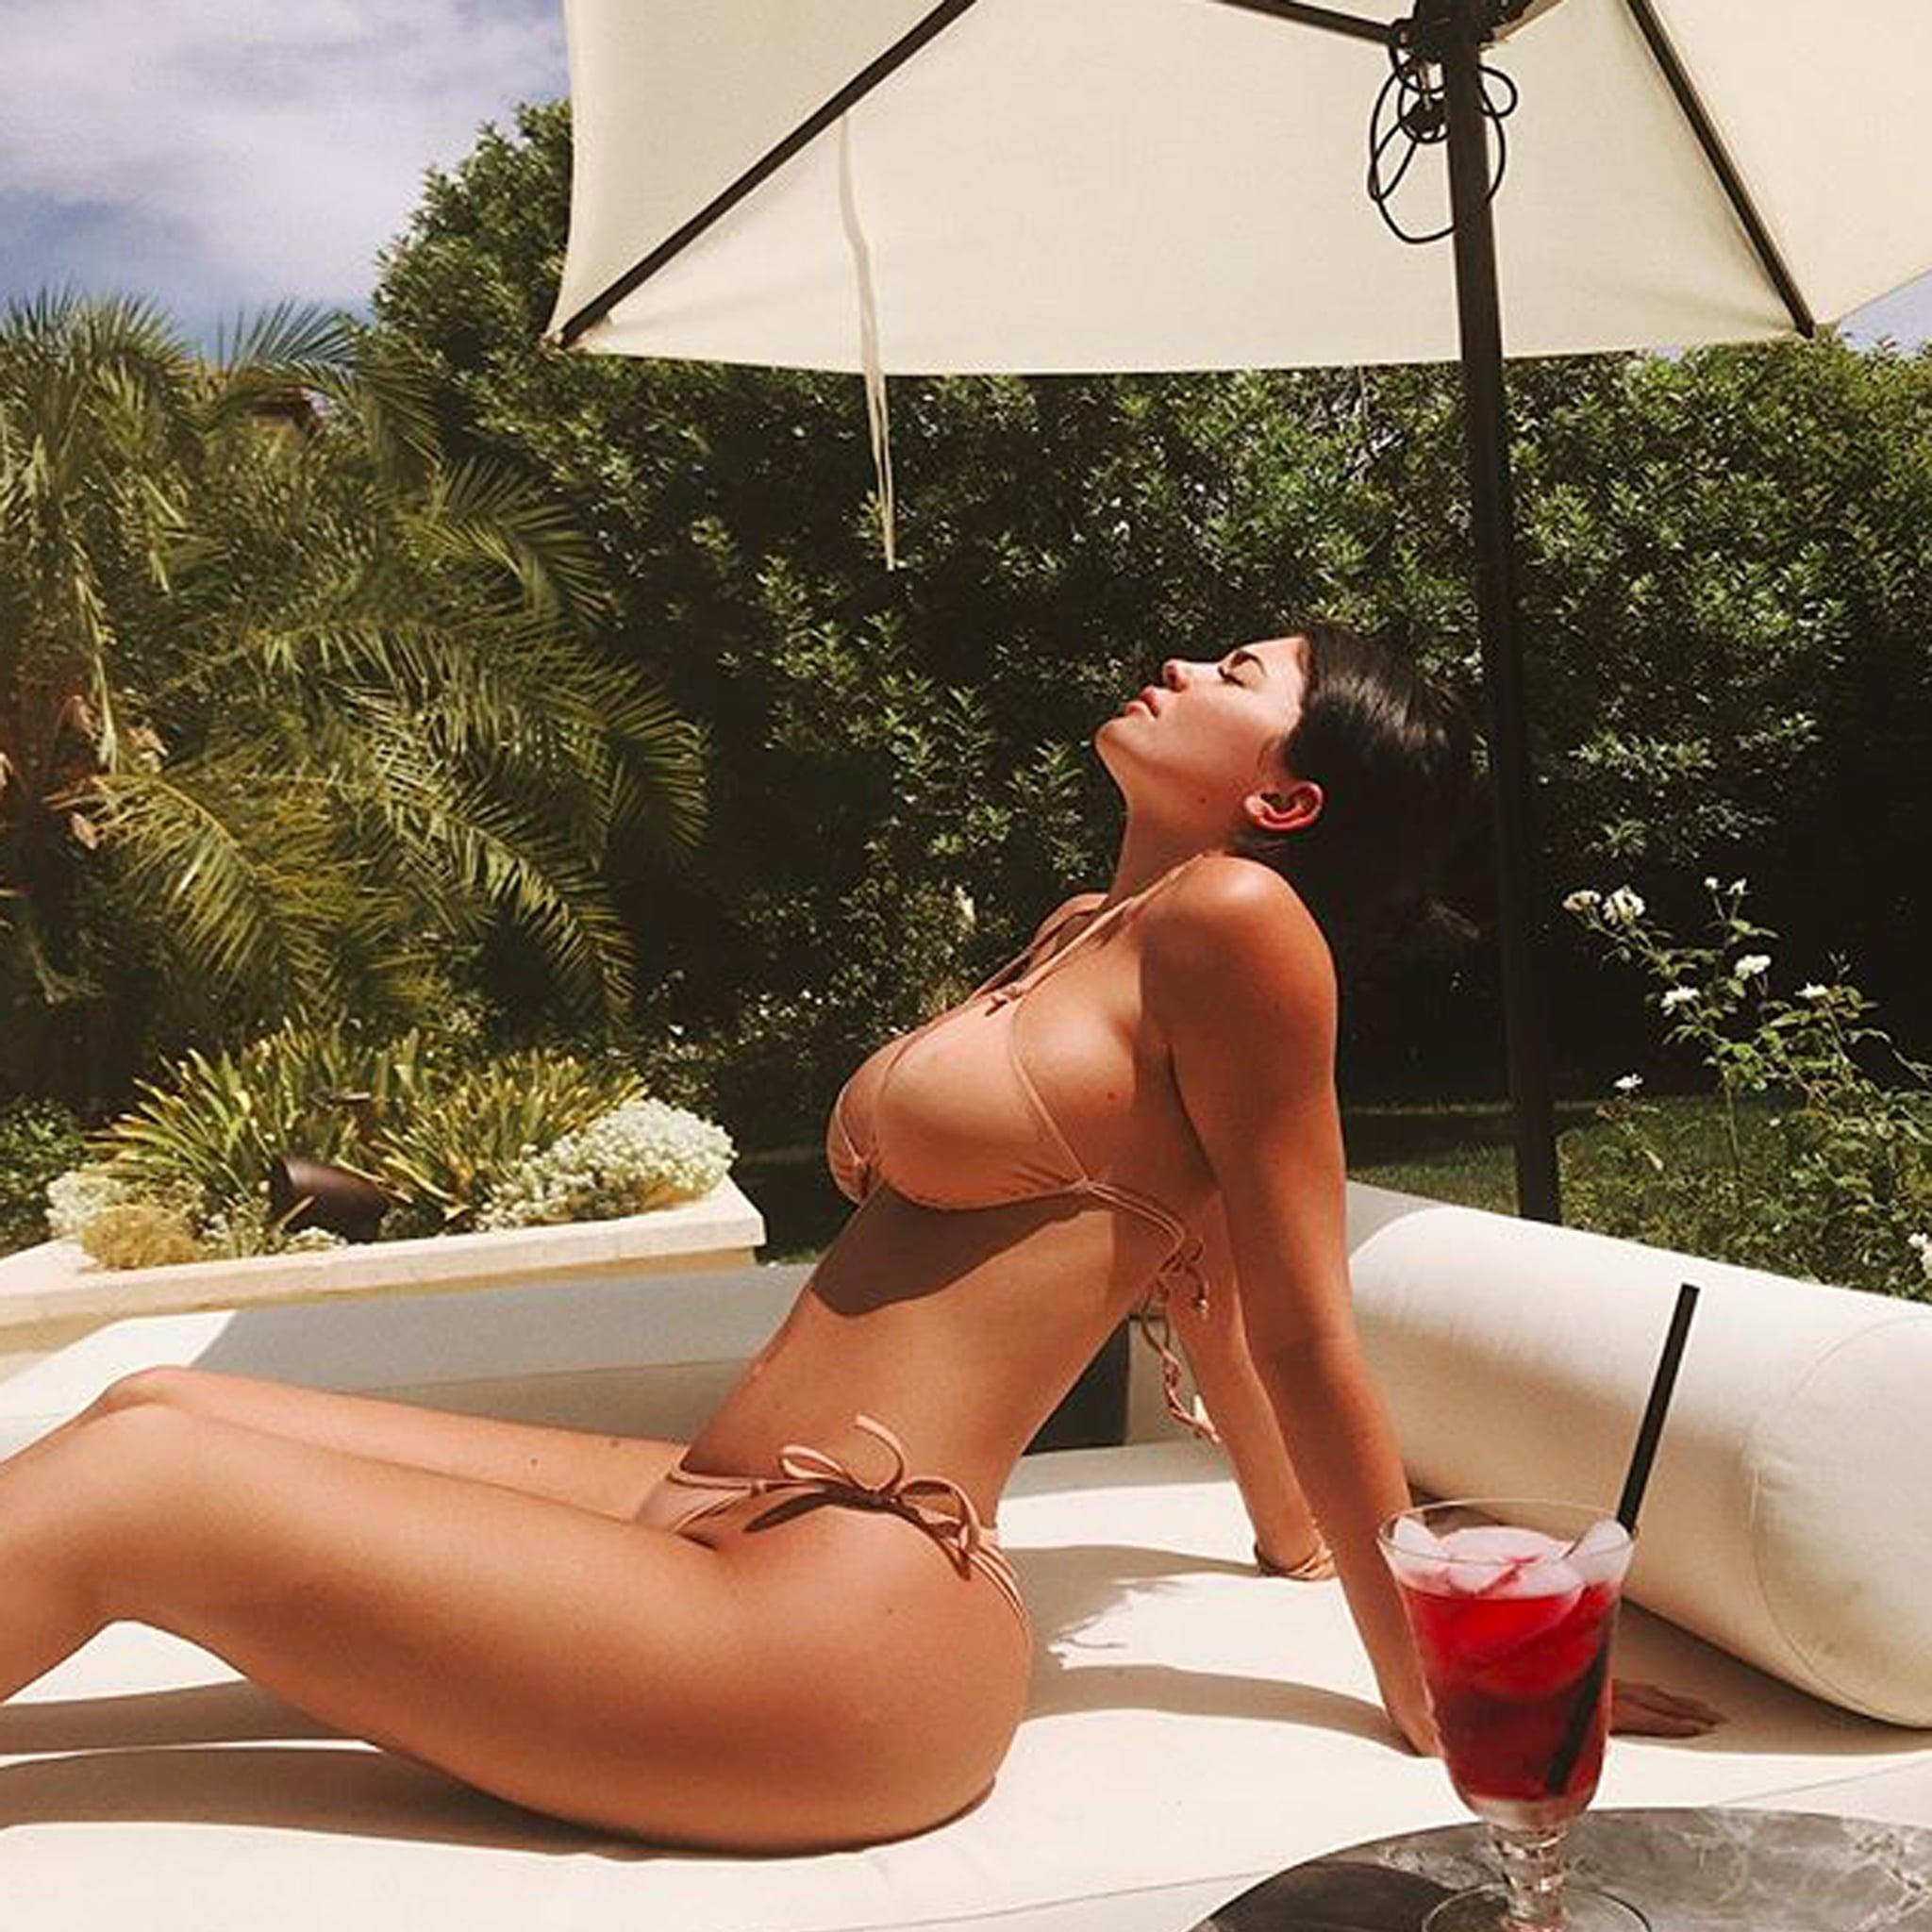 Kylie Jenner Bikini Instagrams | POPSUGAR Celebrity UK